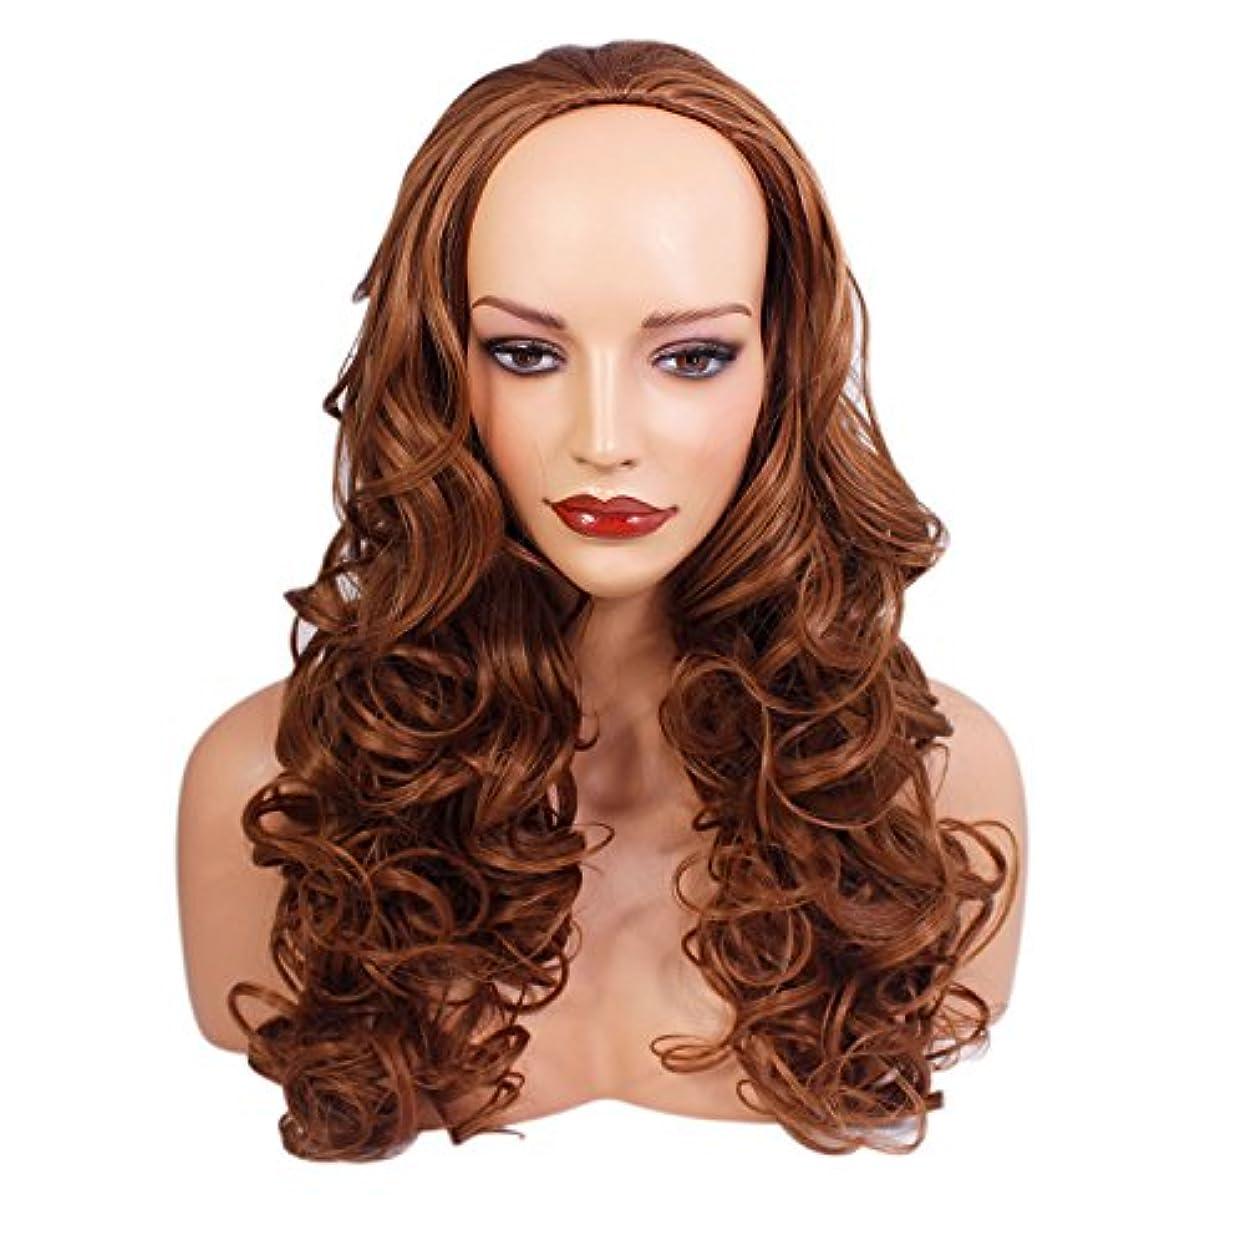 昼寝虚栄心ちっちゃいレディース3/4ハーフウィッグ - チェスナッツブラウン - カーリースタイル - 22インチ - 250g - 耐熱性合成繊維 - ヘアピースエクステンションのクリップ - ルックスとエレガントによる本物の髪のような雰囲気